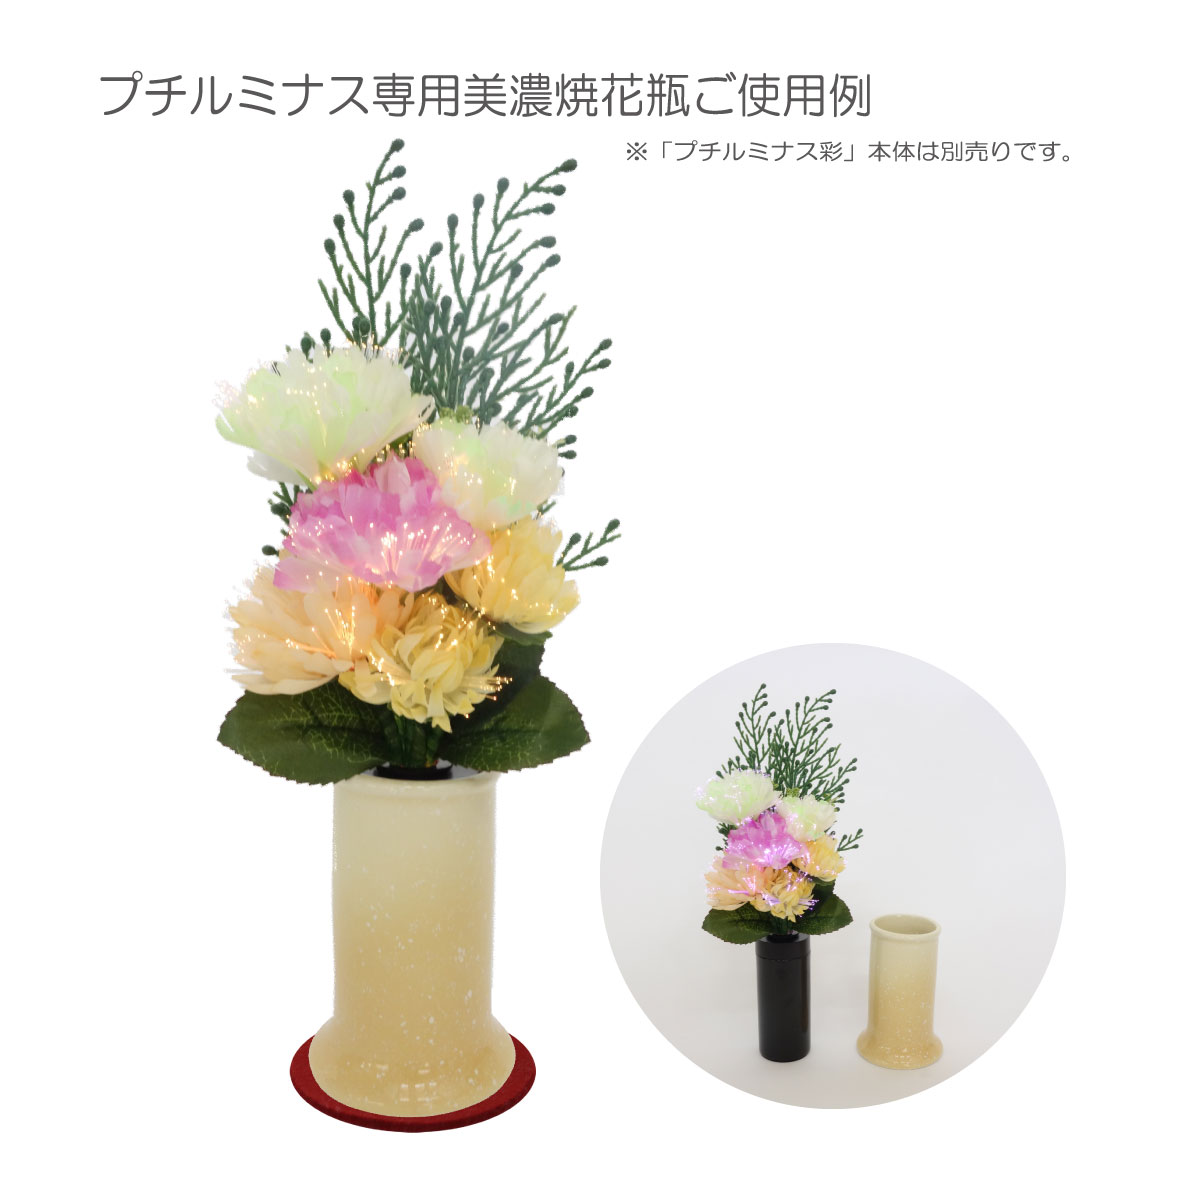 プチルミナス彩専用花瓶(ゆず)